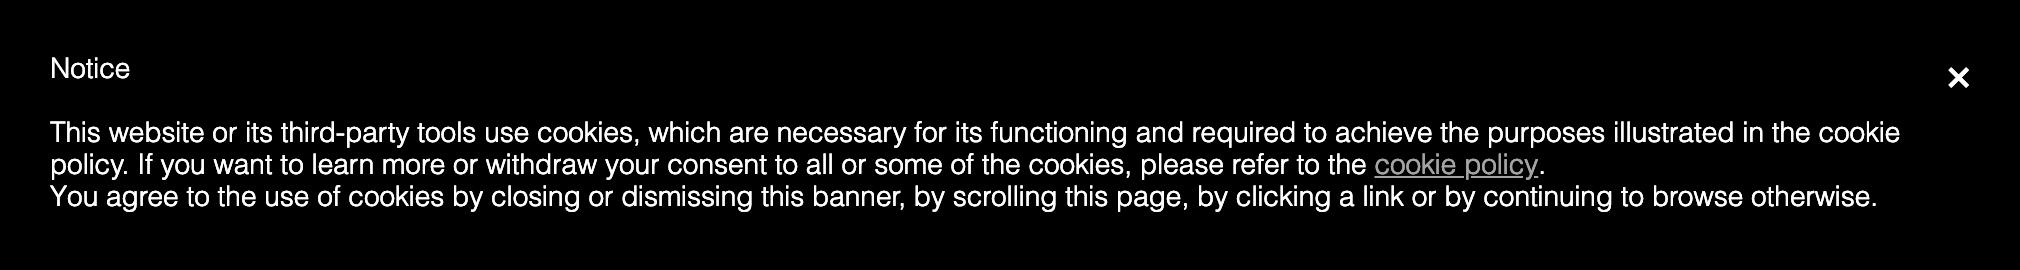 iubenda Cookie Banner